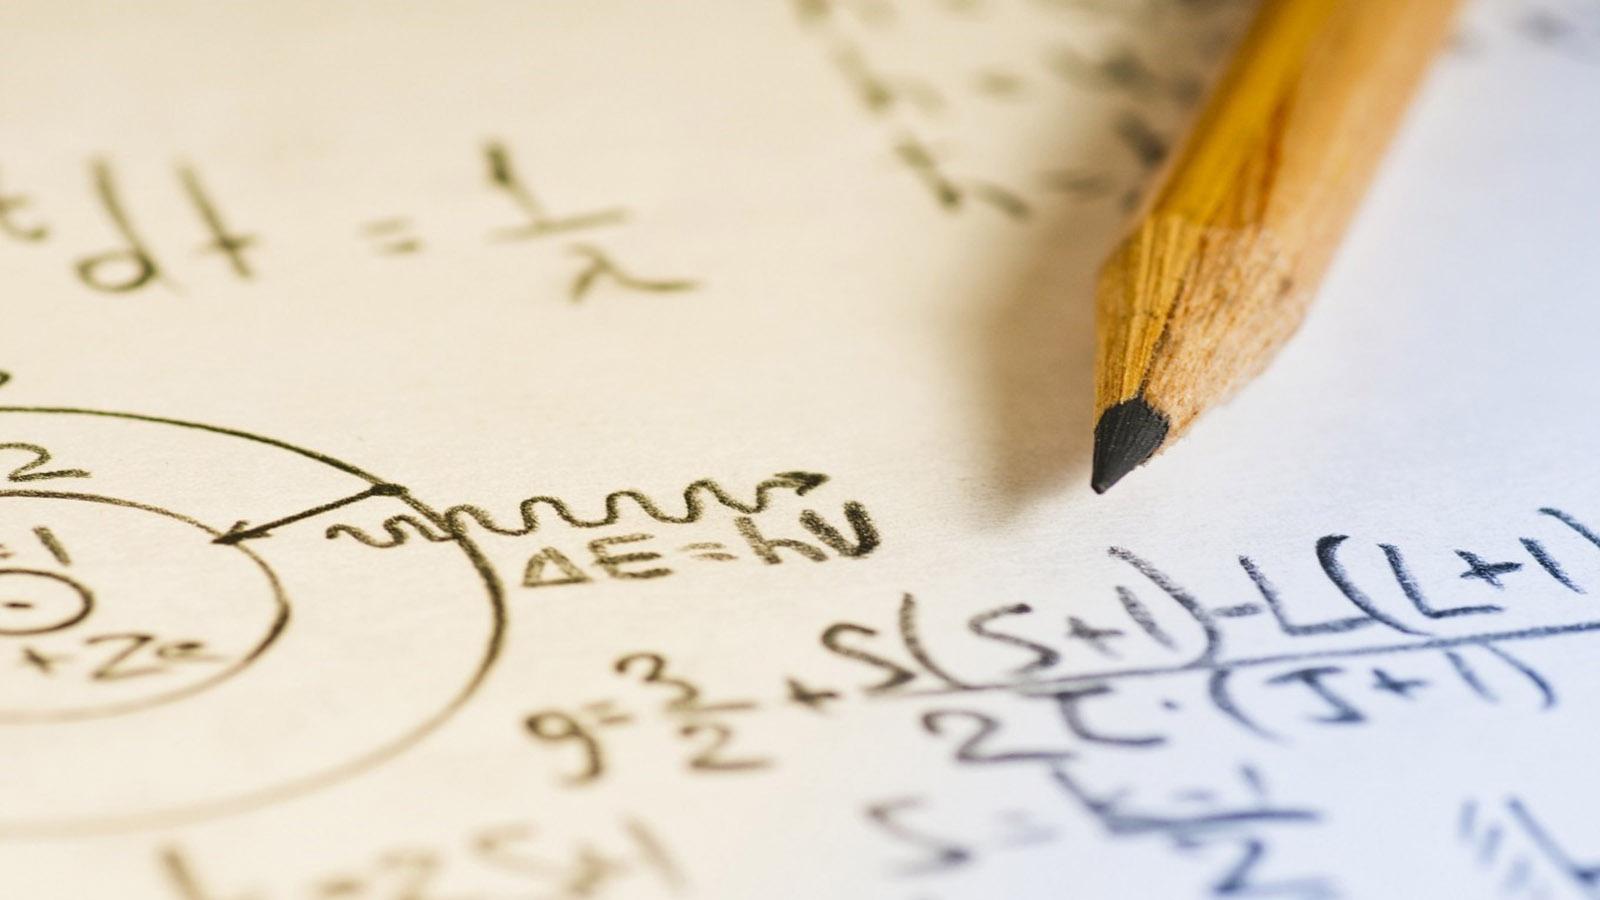 Πρόσκληση Συγγραφής στο Εκπαιδευτικό Περιοδικό της ΕΕΦ